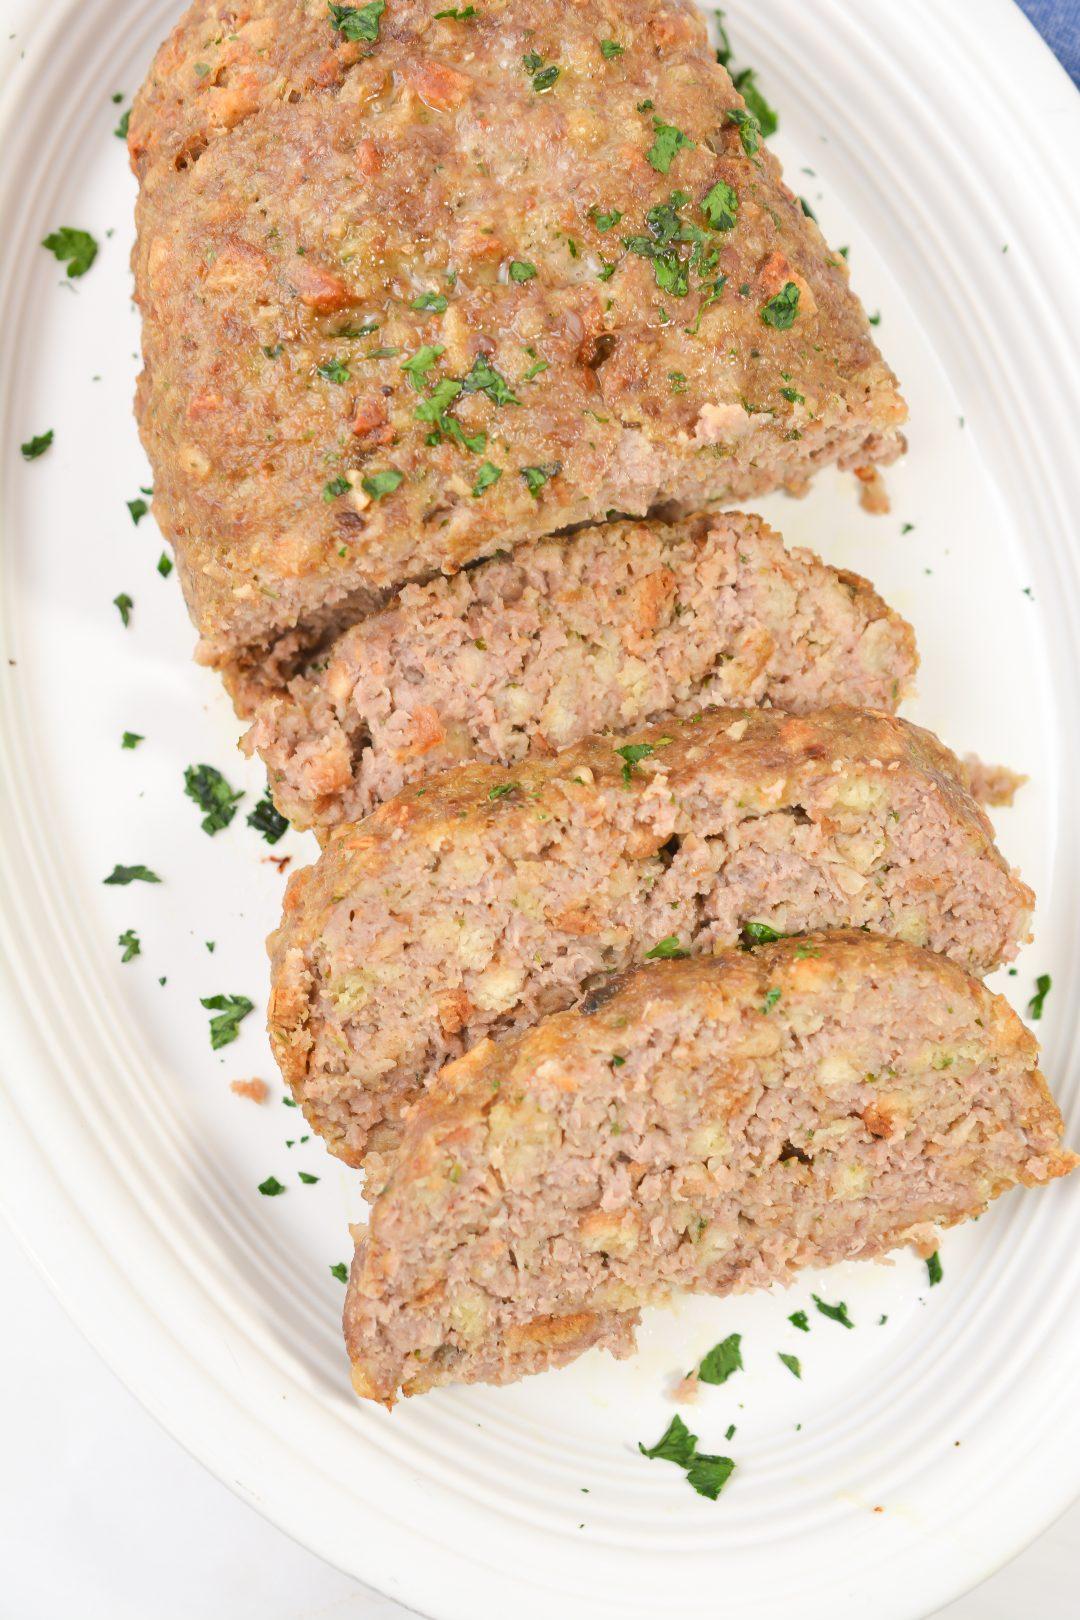 Grandma's-Secret-Ingredient-Meatloaf